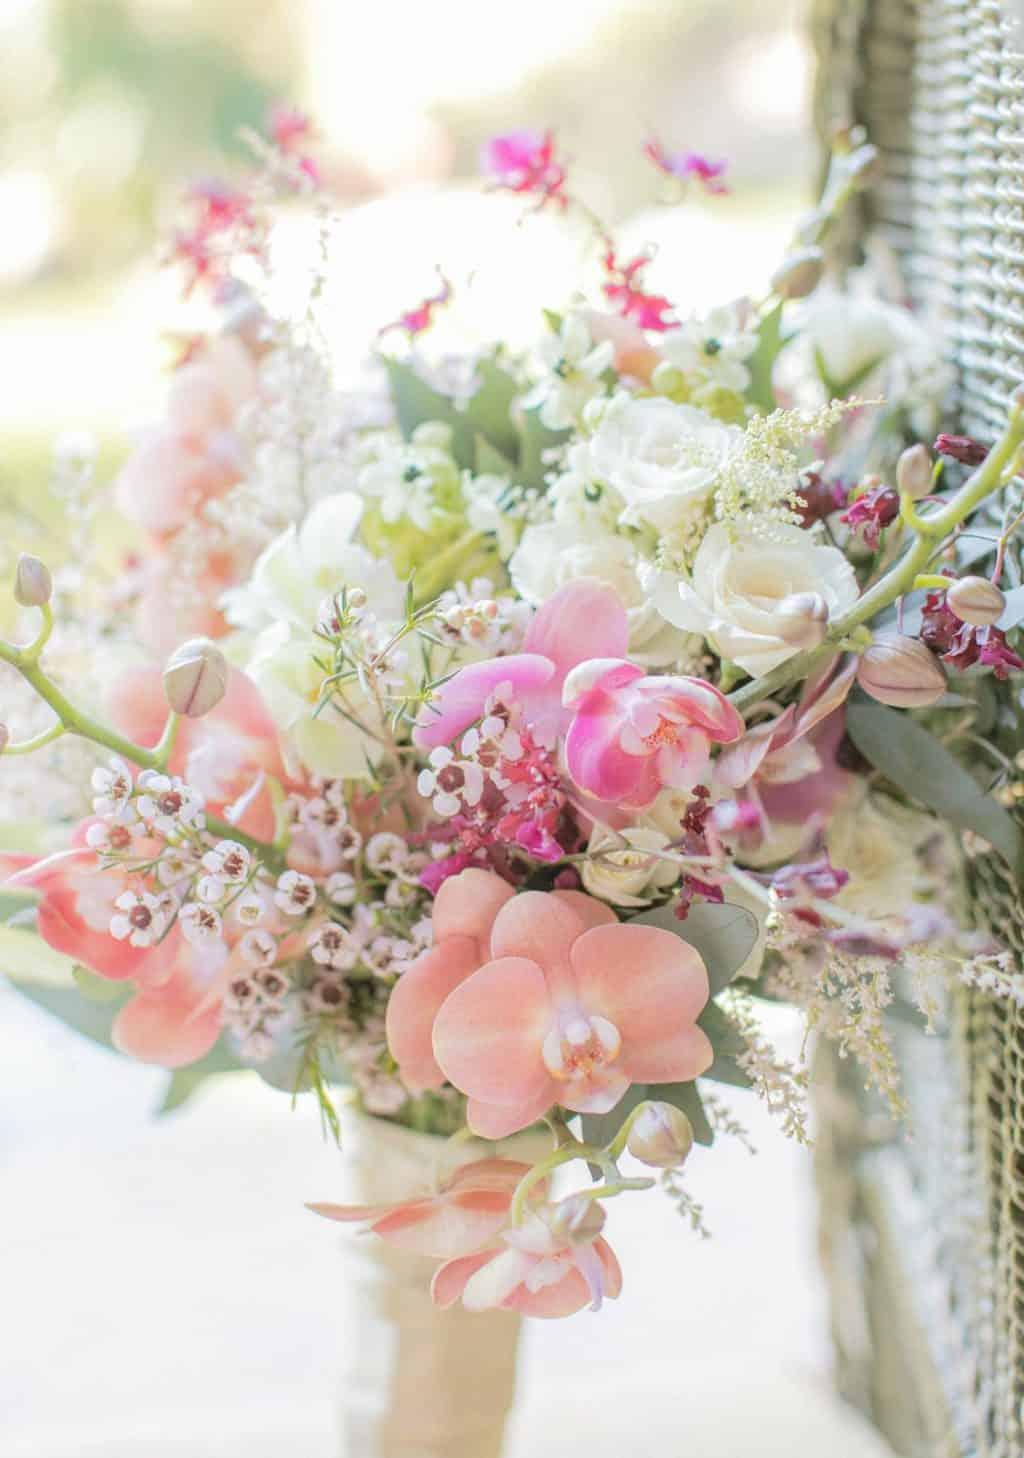 acessórios-buquê-casamento-Camila-e-Diogo-casamento-na-fazenda-casamento-na-serra-casamento-romântico-destination-wedding-Fazenda-Santo-Antonio-Fotografia-Rodrigo-Sack-10-e1536934728244